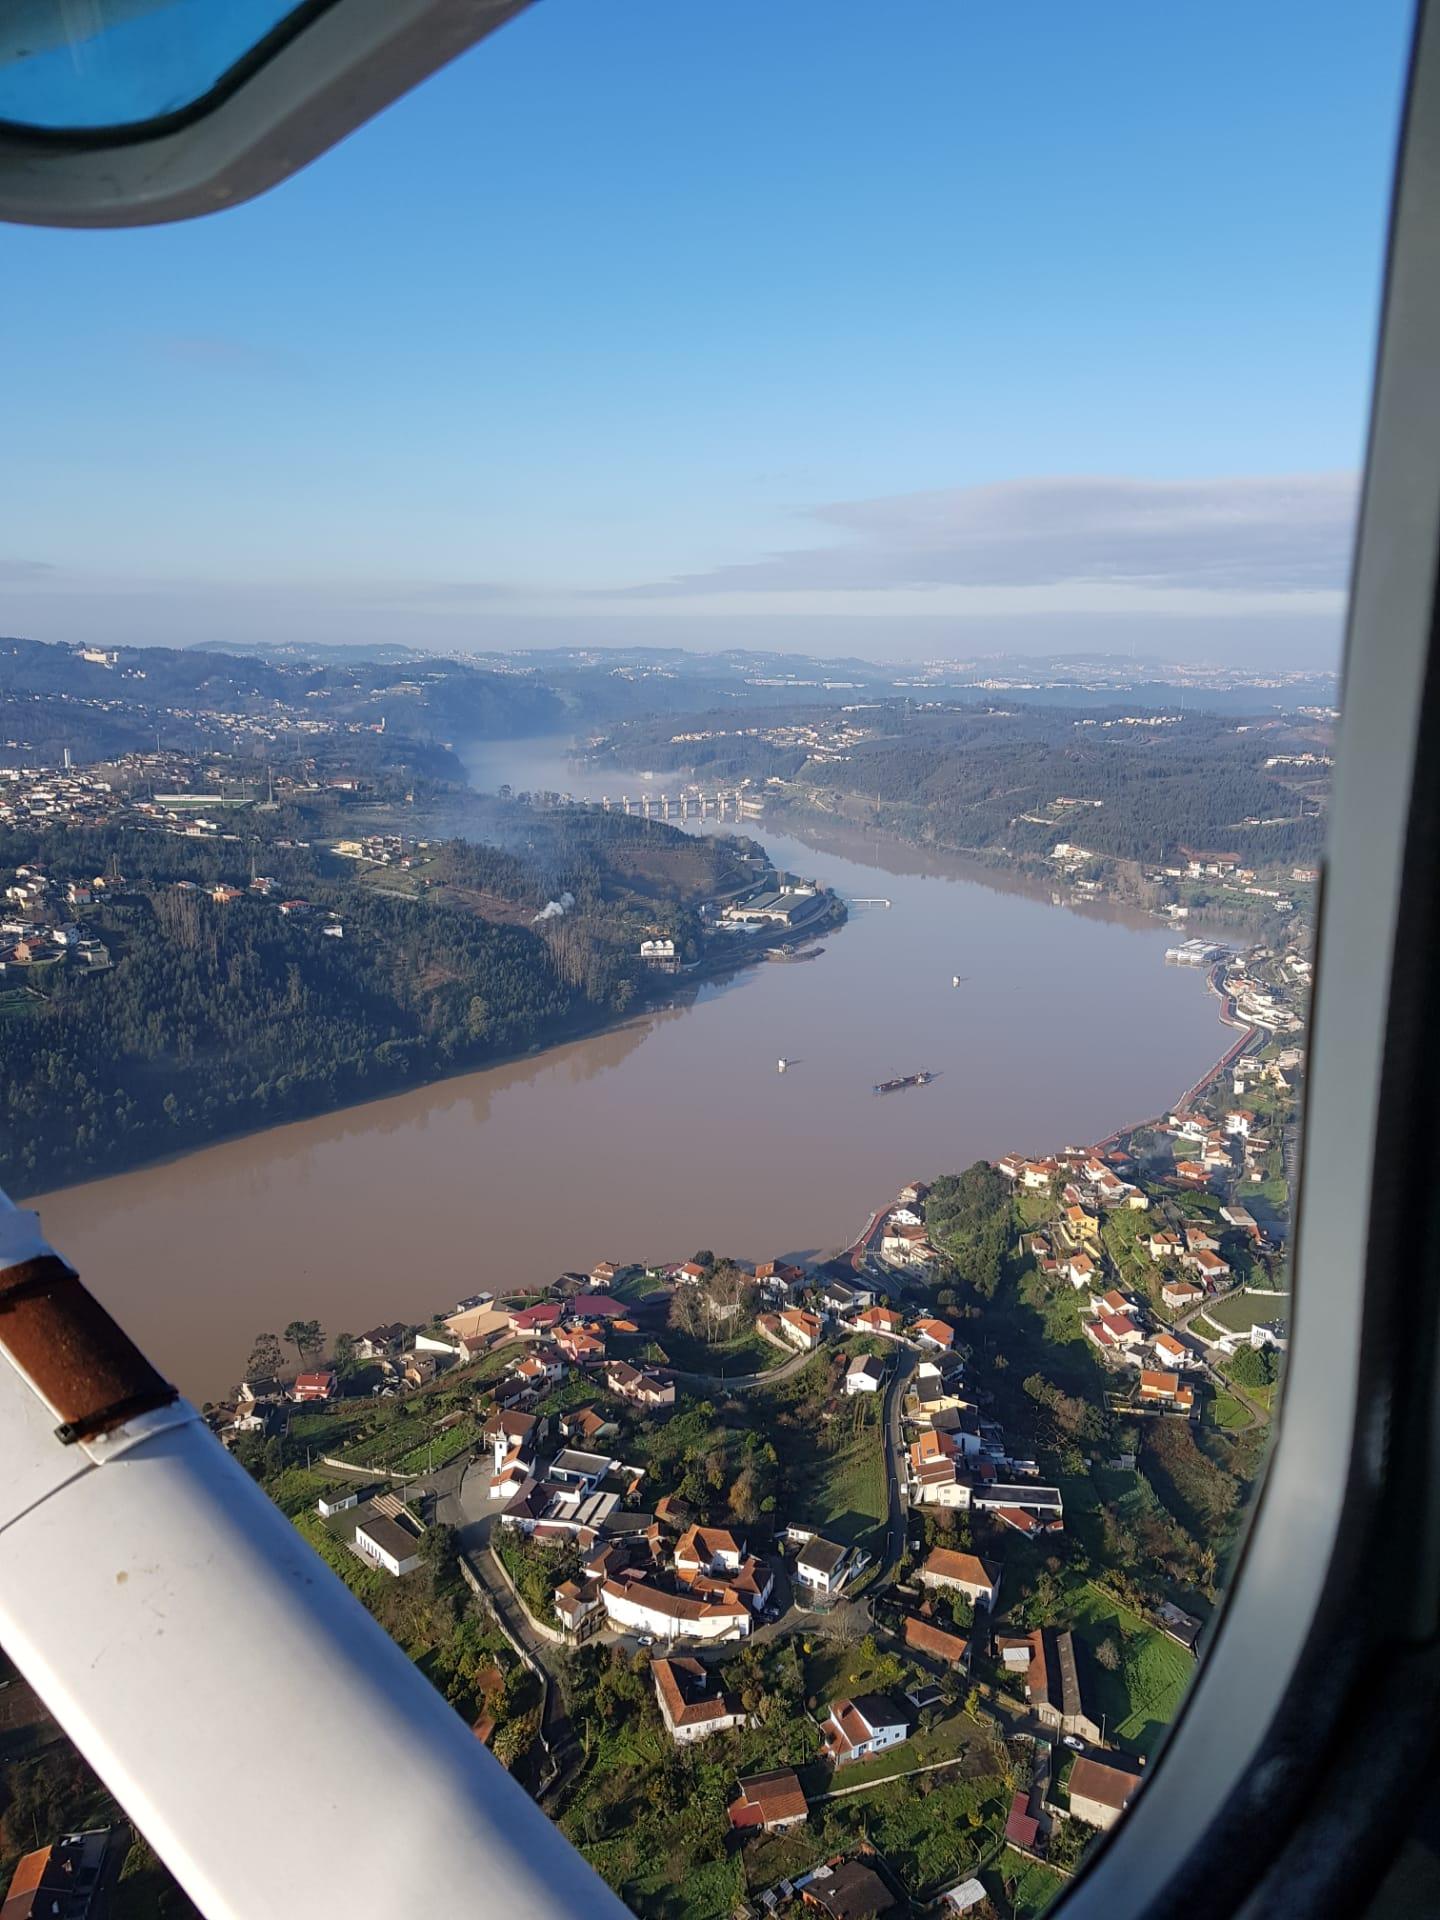 LM-Arquivo-Douro-Paiva-Foto-Aerea-ETA-Lever-061